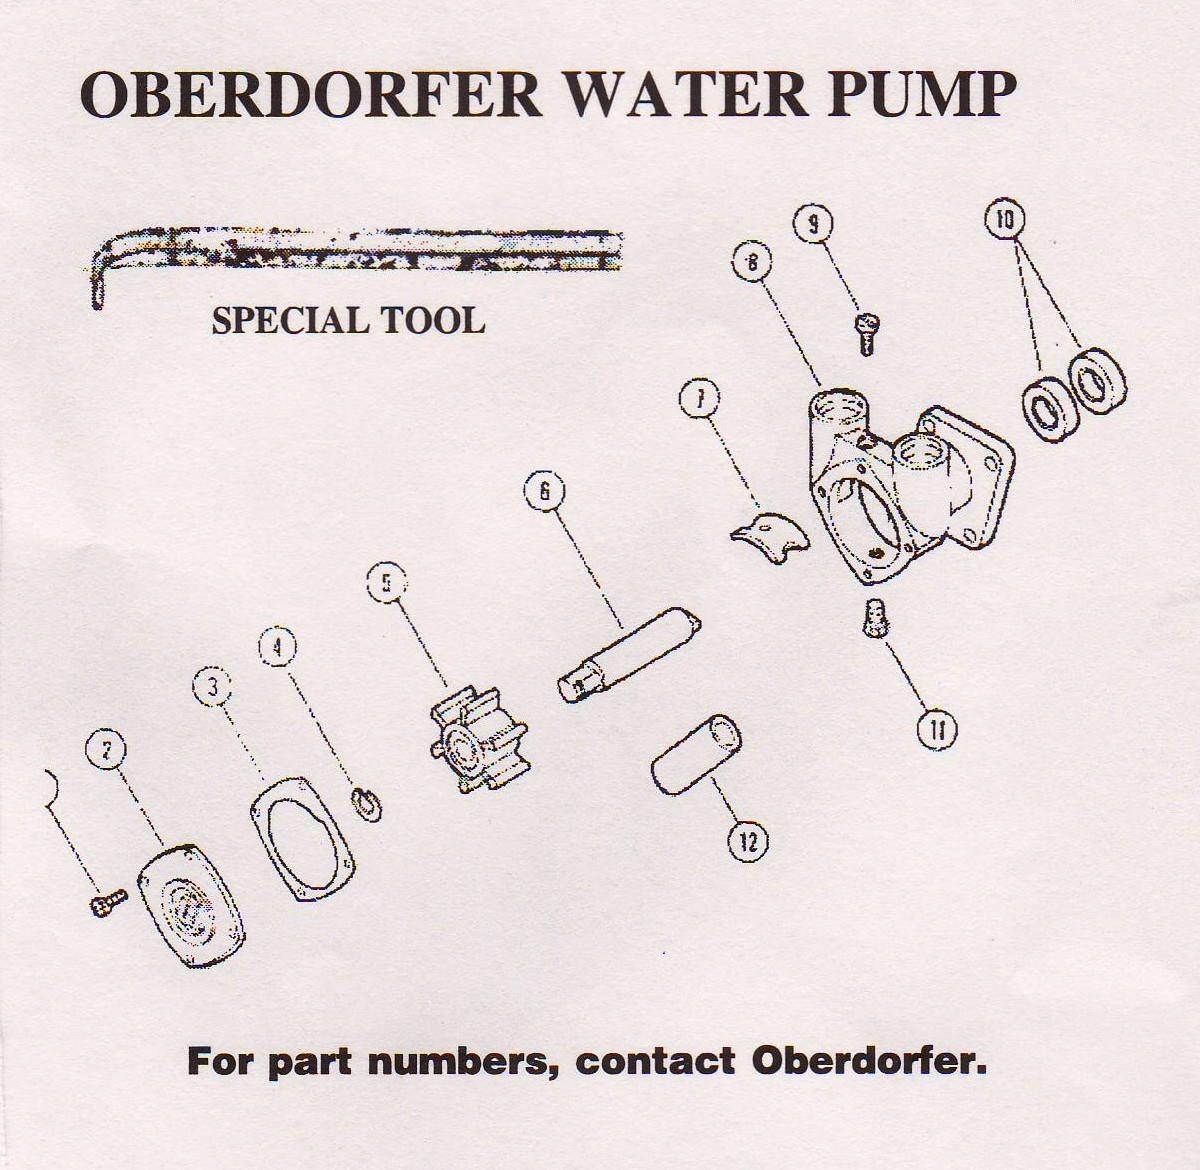 Oberdorfer pump diagram.JPG